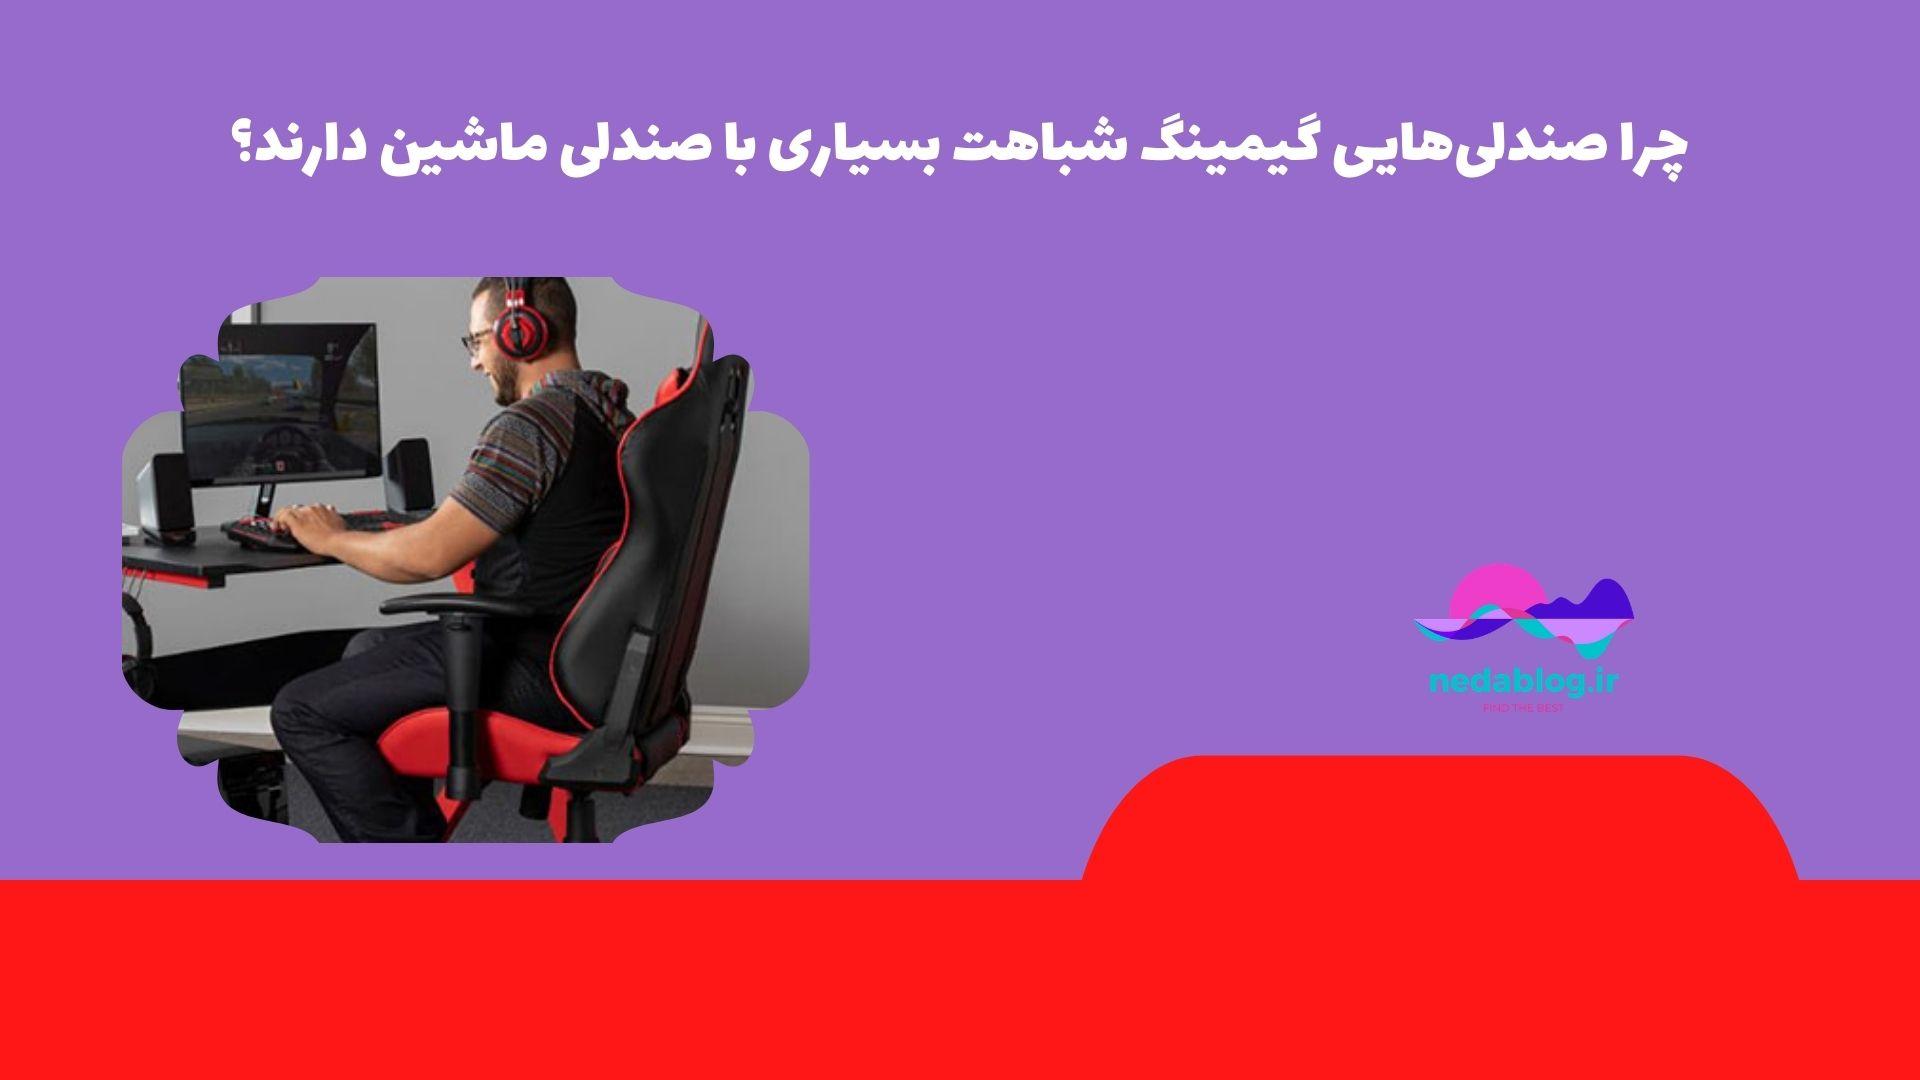 چرا صندلیهای گیمینگ شباهت بسیاری با صندلی ماشین دارند؟